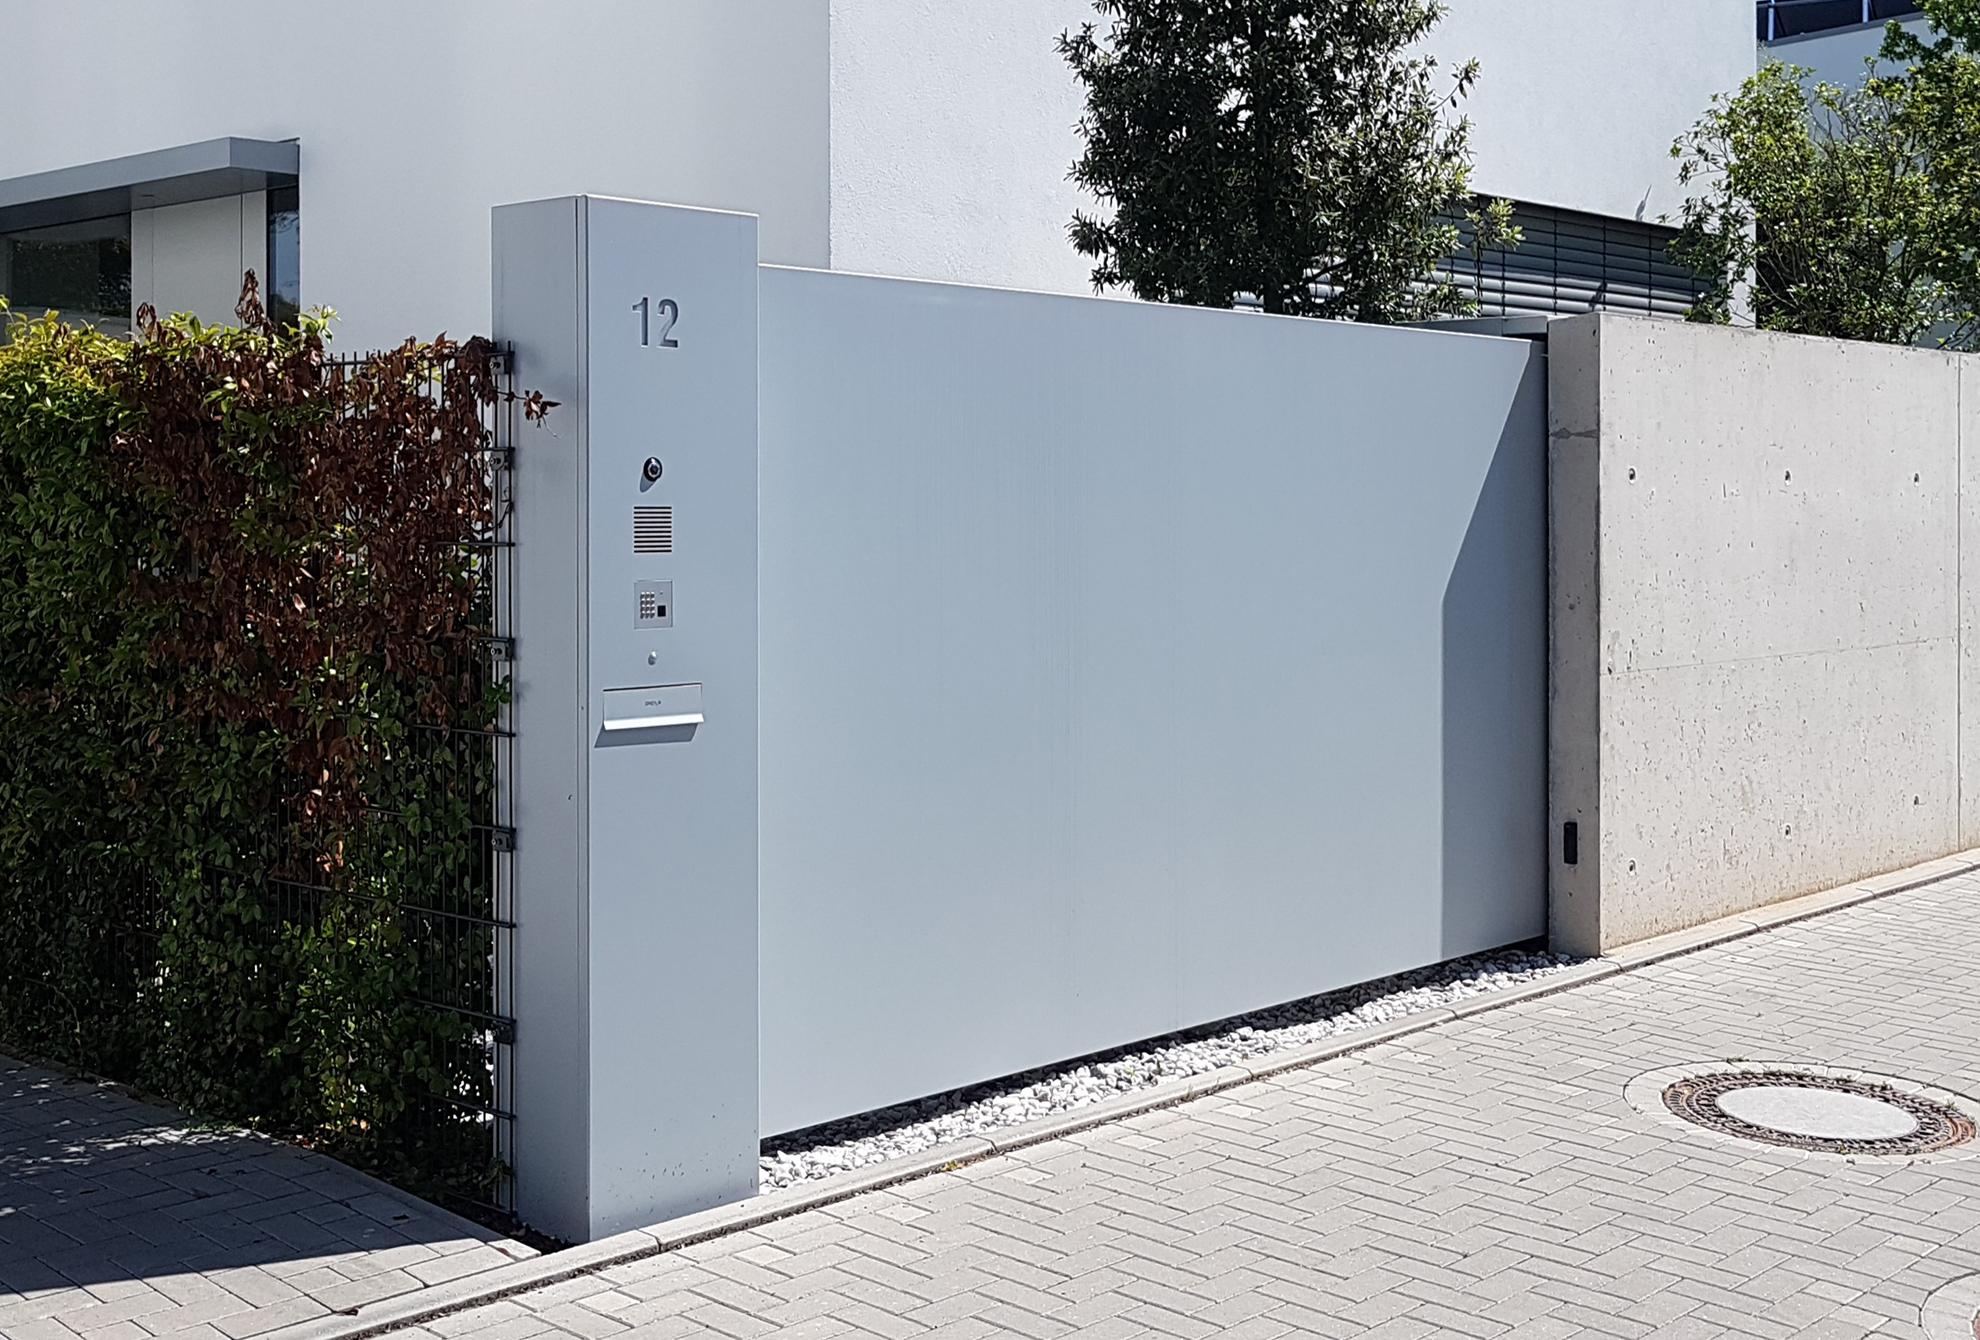 Motorbetriebenes Schiebetor mit Türkommunikations-System in Stele integriert | Alu, pulverbeschichtet